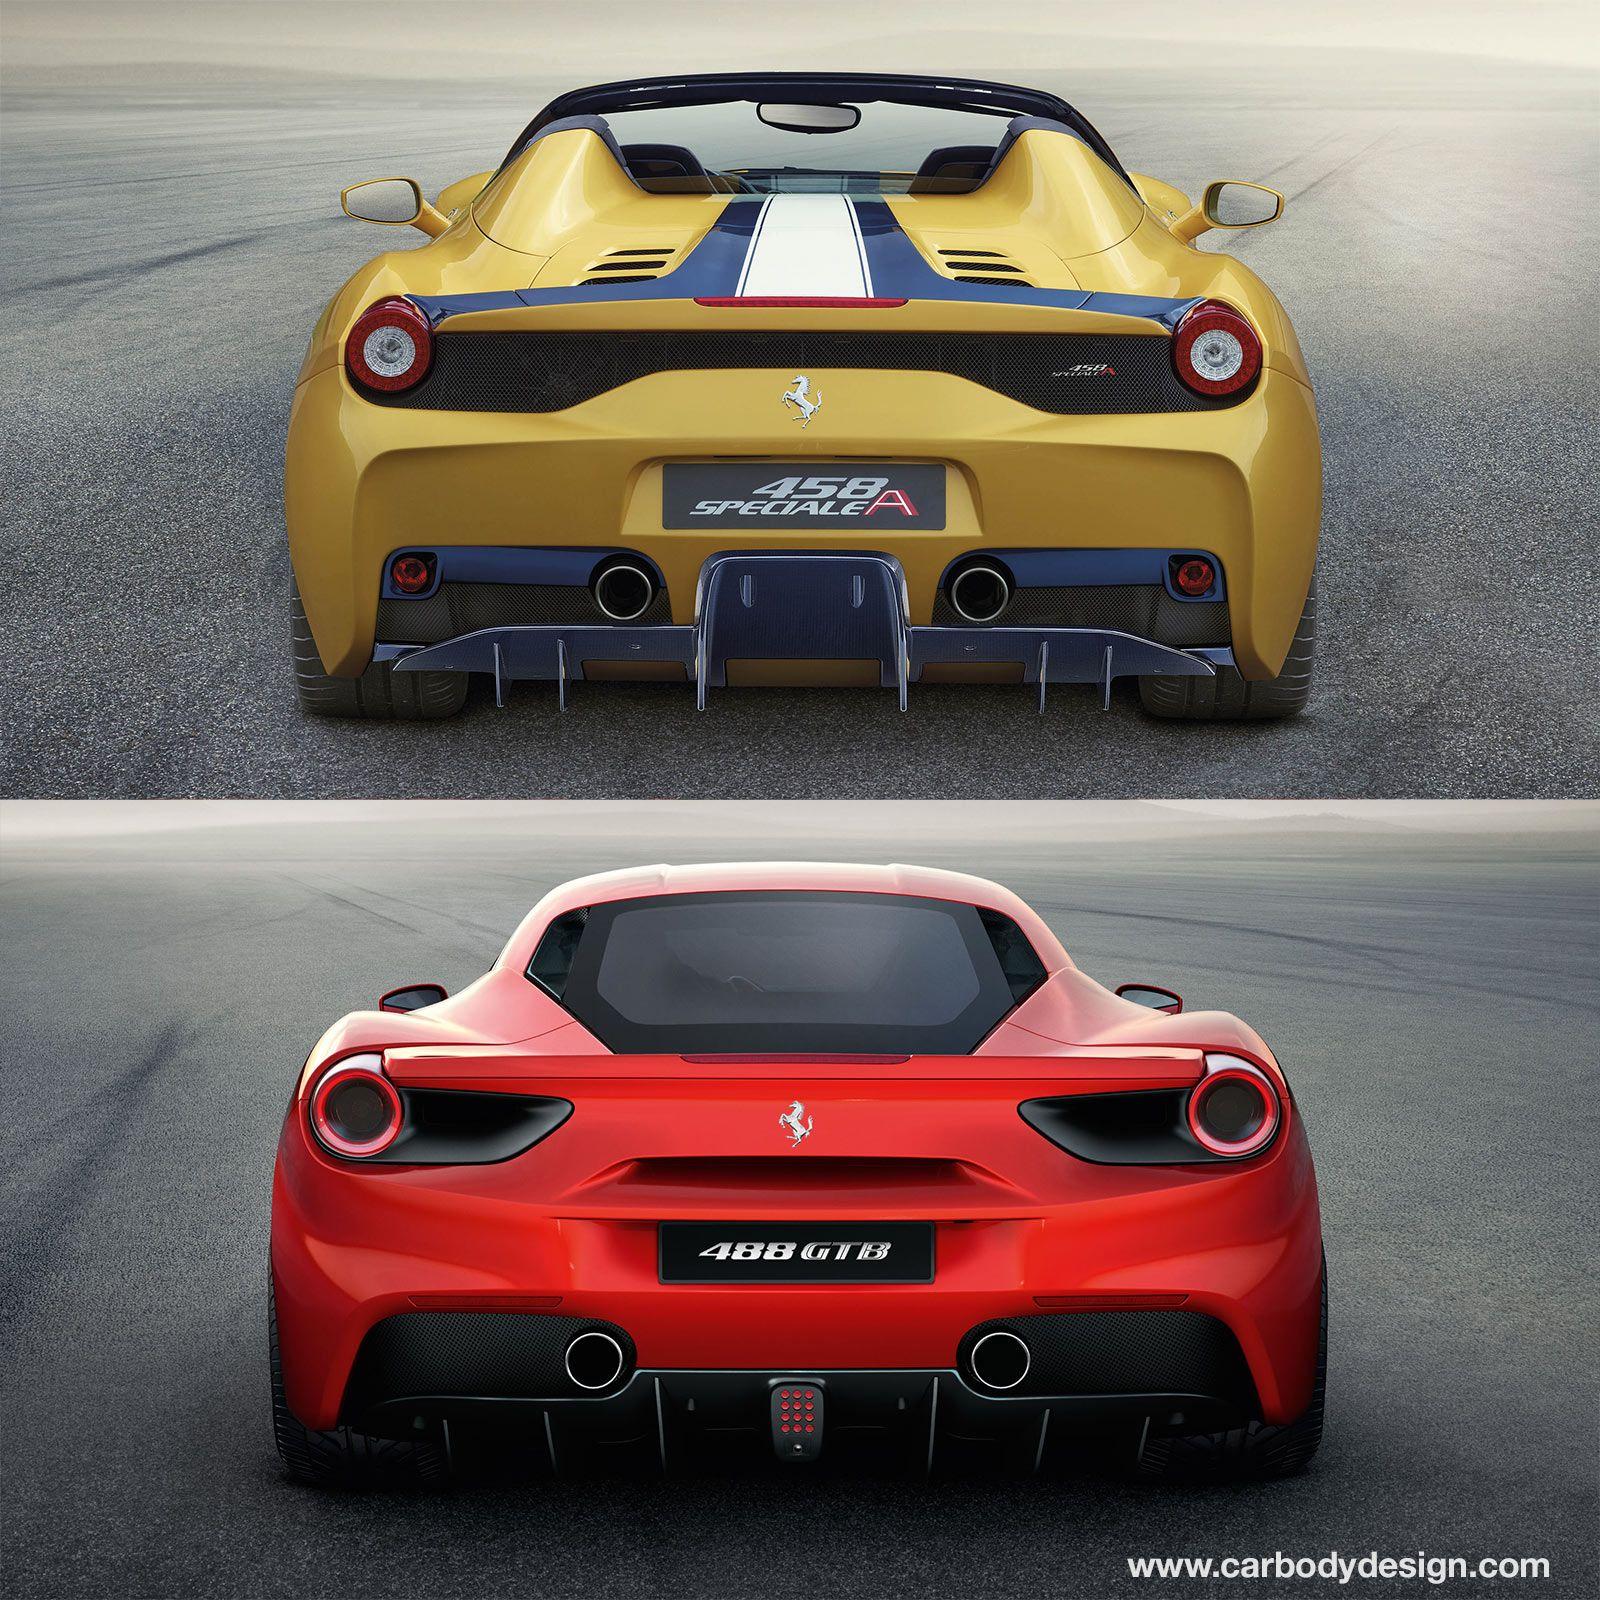 Ferrari Speciale A And Gtb Design Comparison Rear End